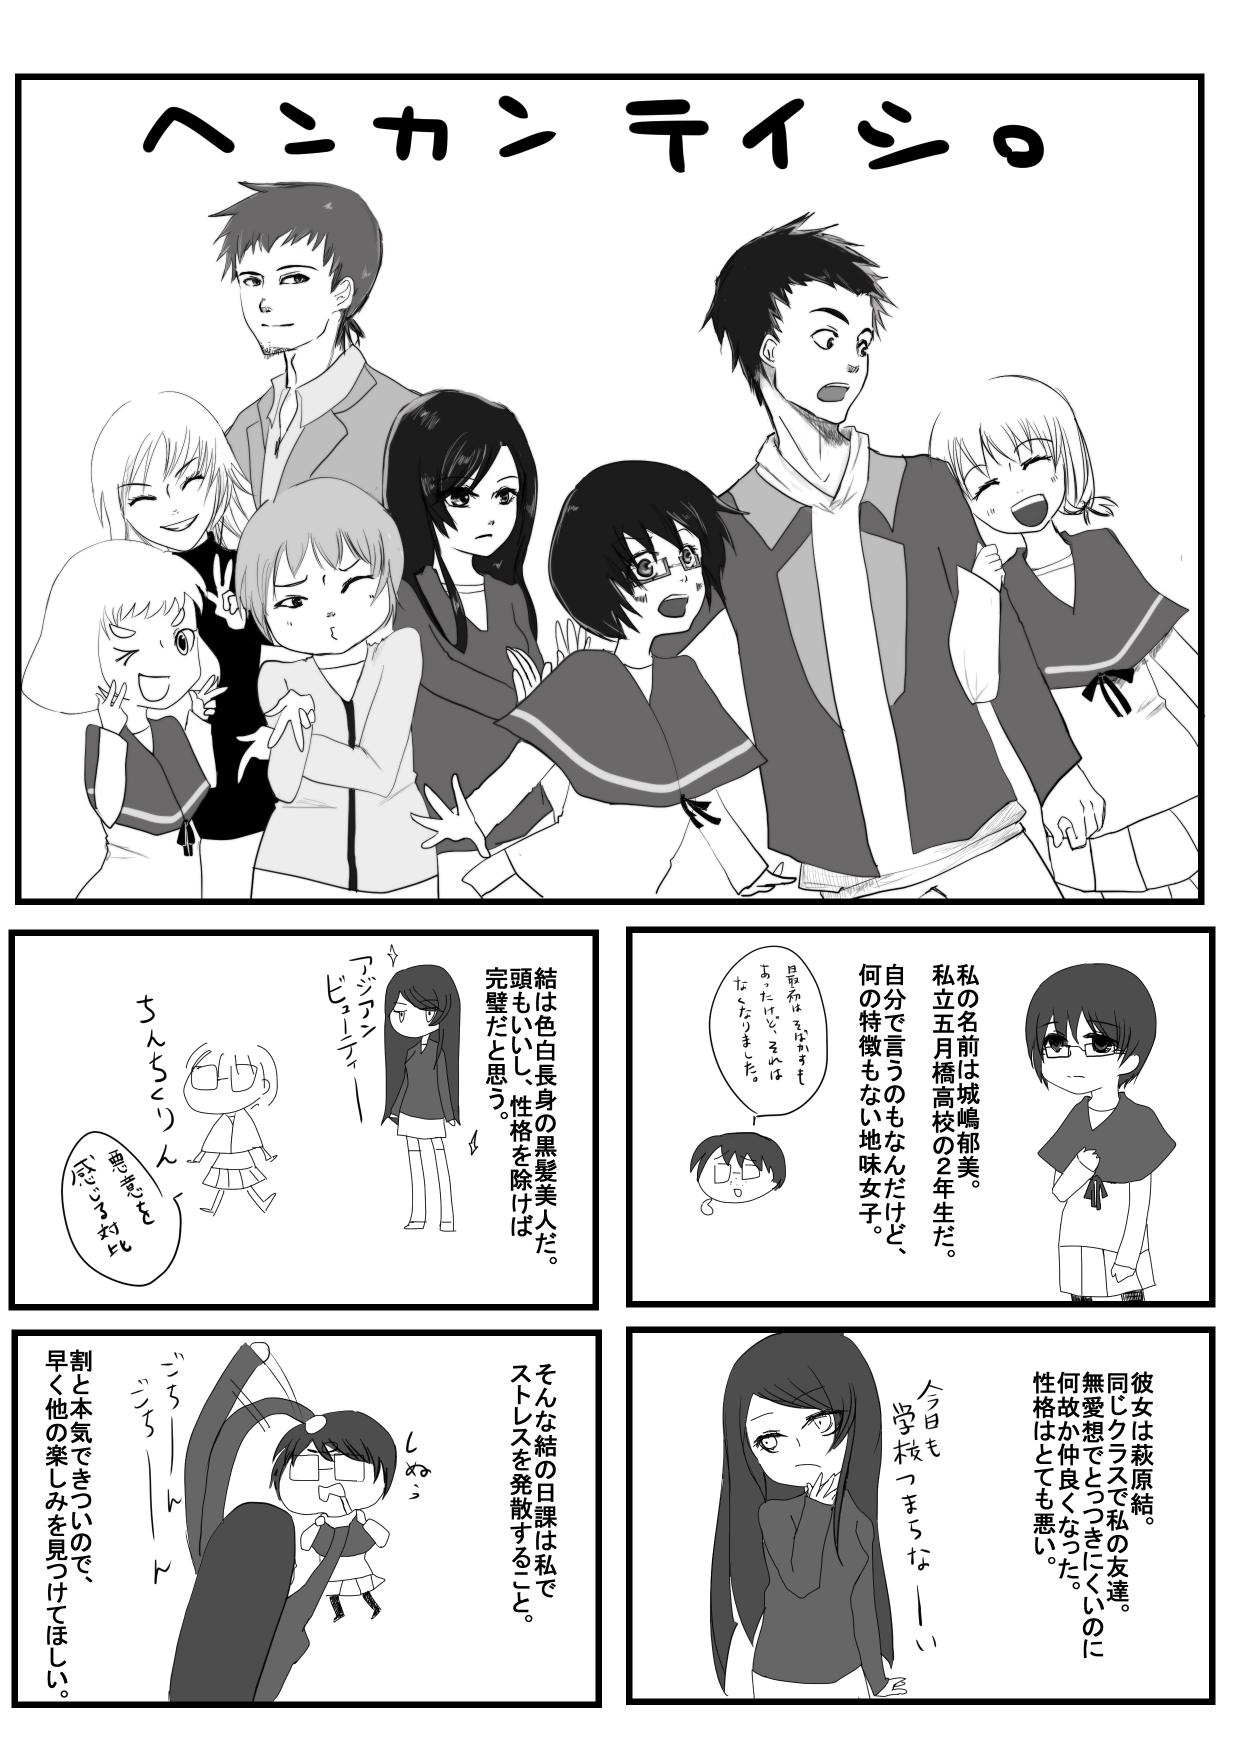 comic1-1.png